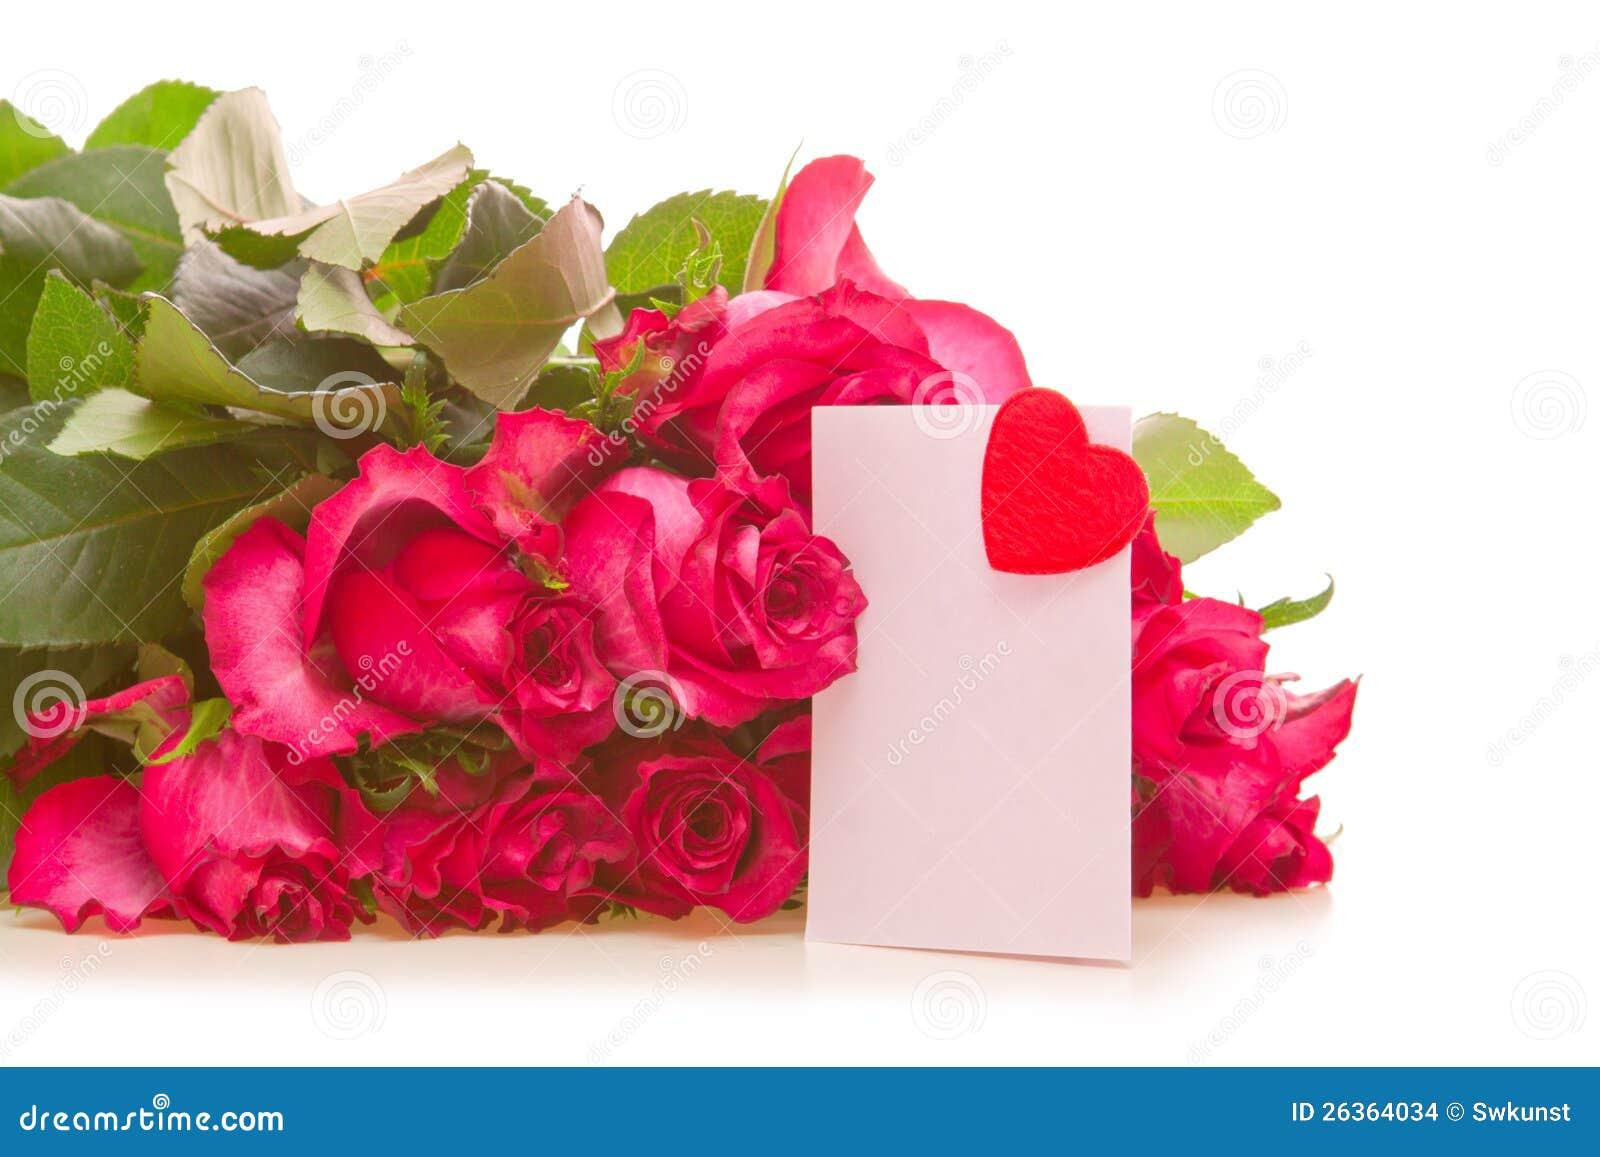 Rosen-Blumenstrauß mit Kupons